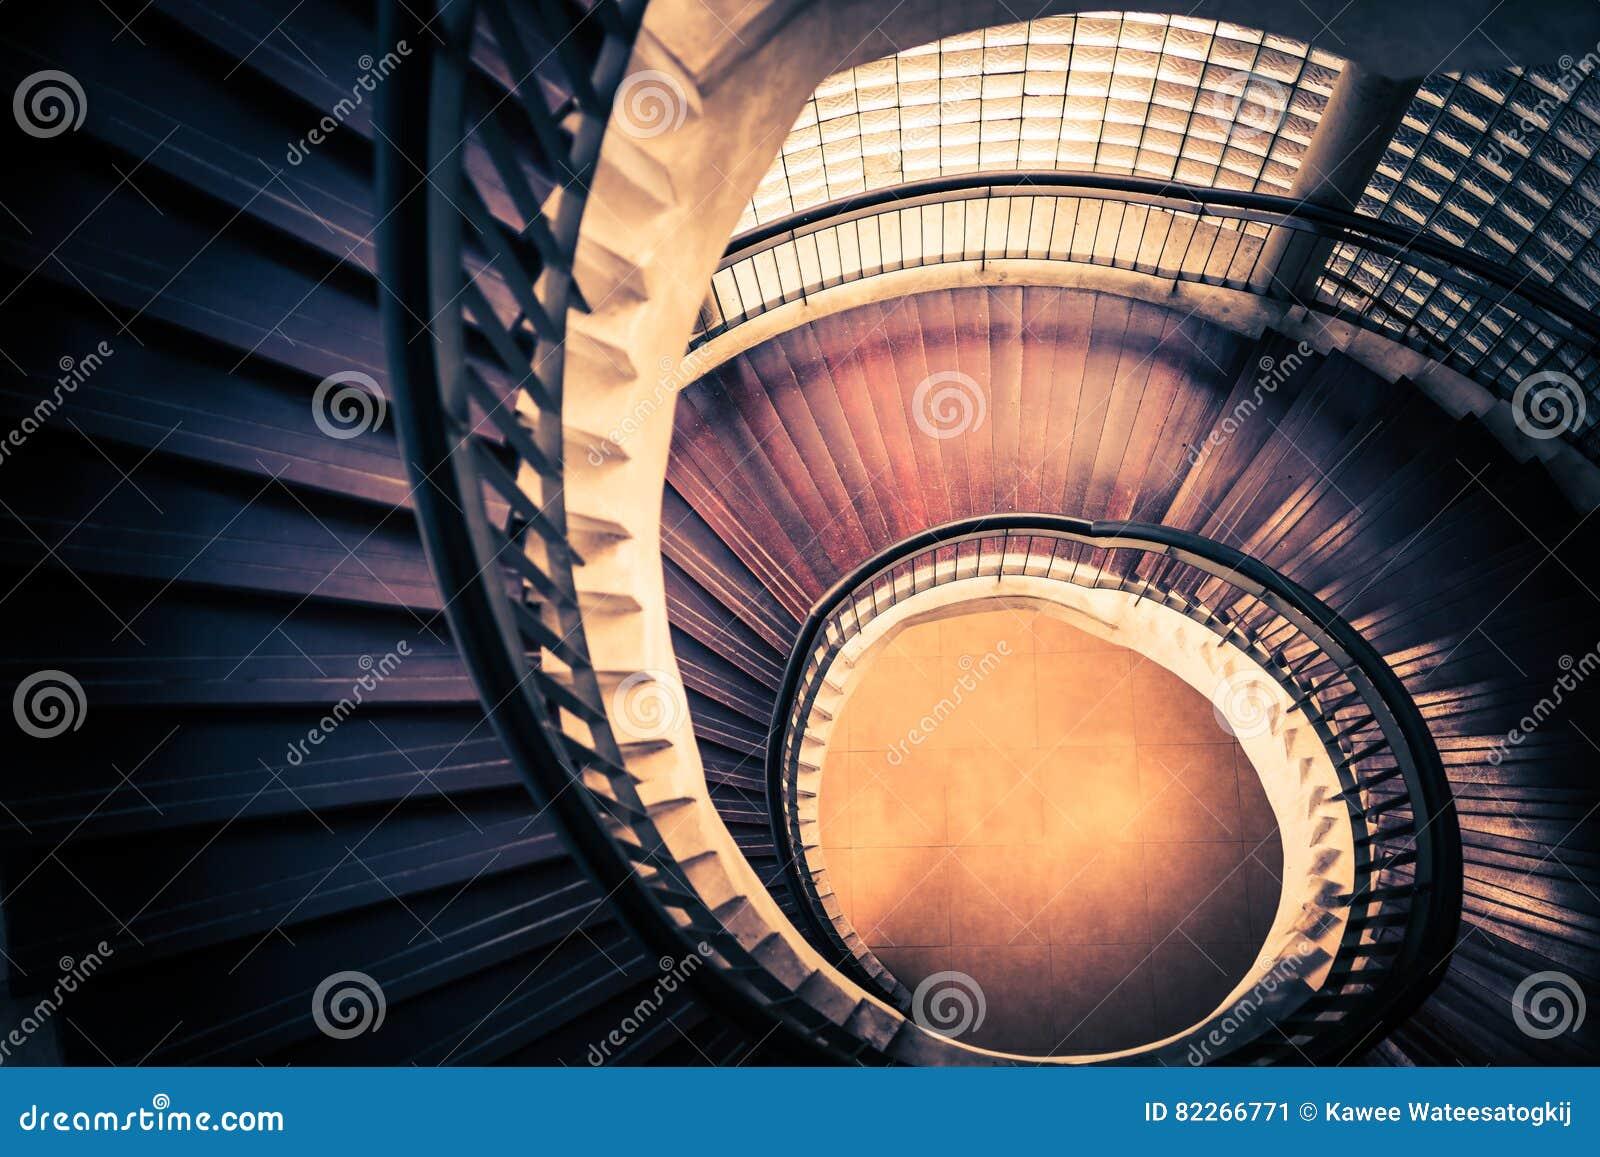 Σκάλα σπείρας ή στροβίλου, περιλήψεων ή αρχιτεκτονικής έννοια μορφής, στη χρυσή αναλογίας σύνθεση fibonacci, σκοτεινός εκλεκτής π